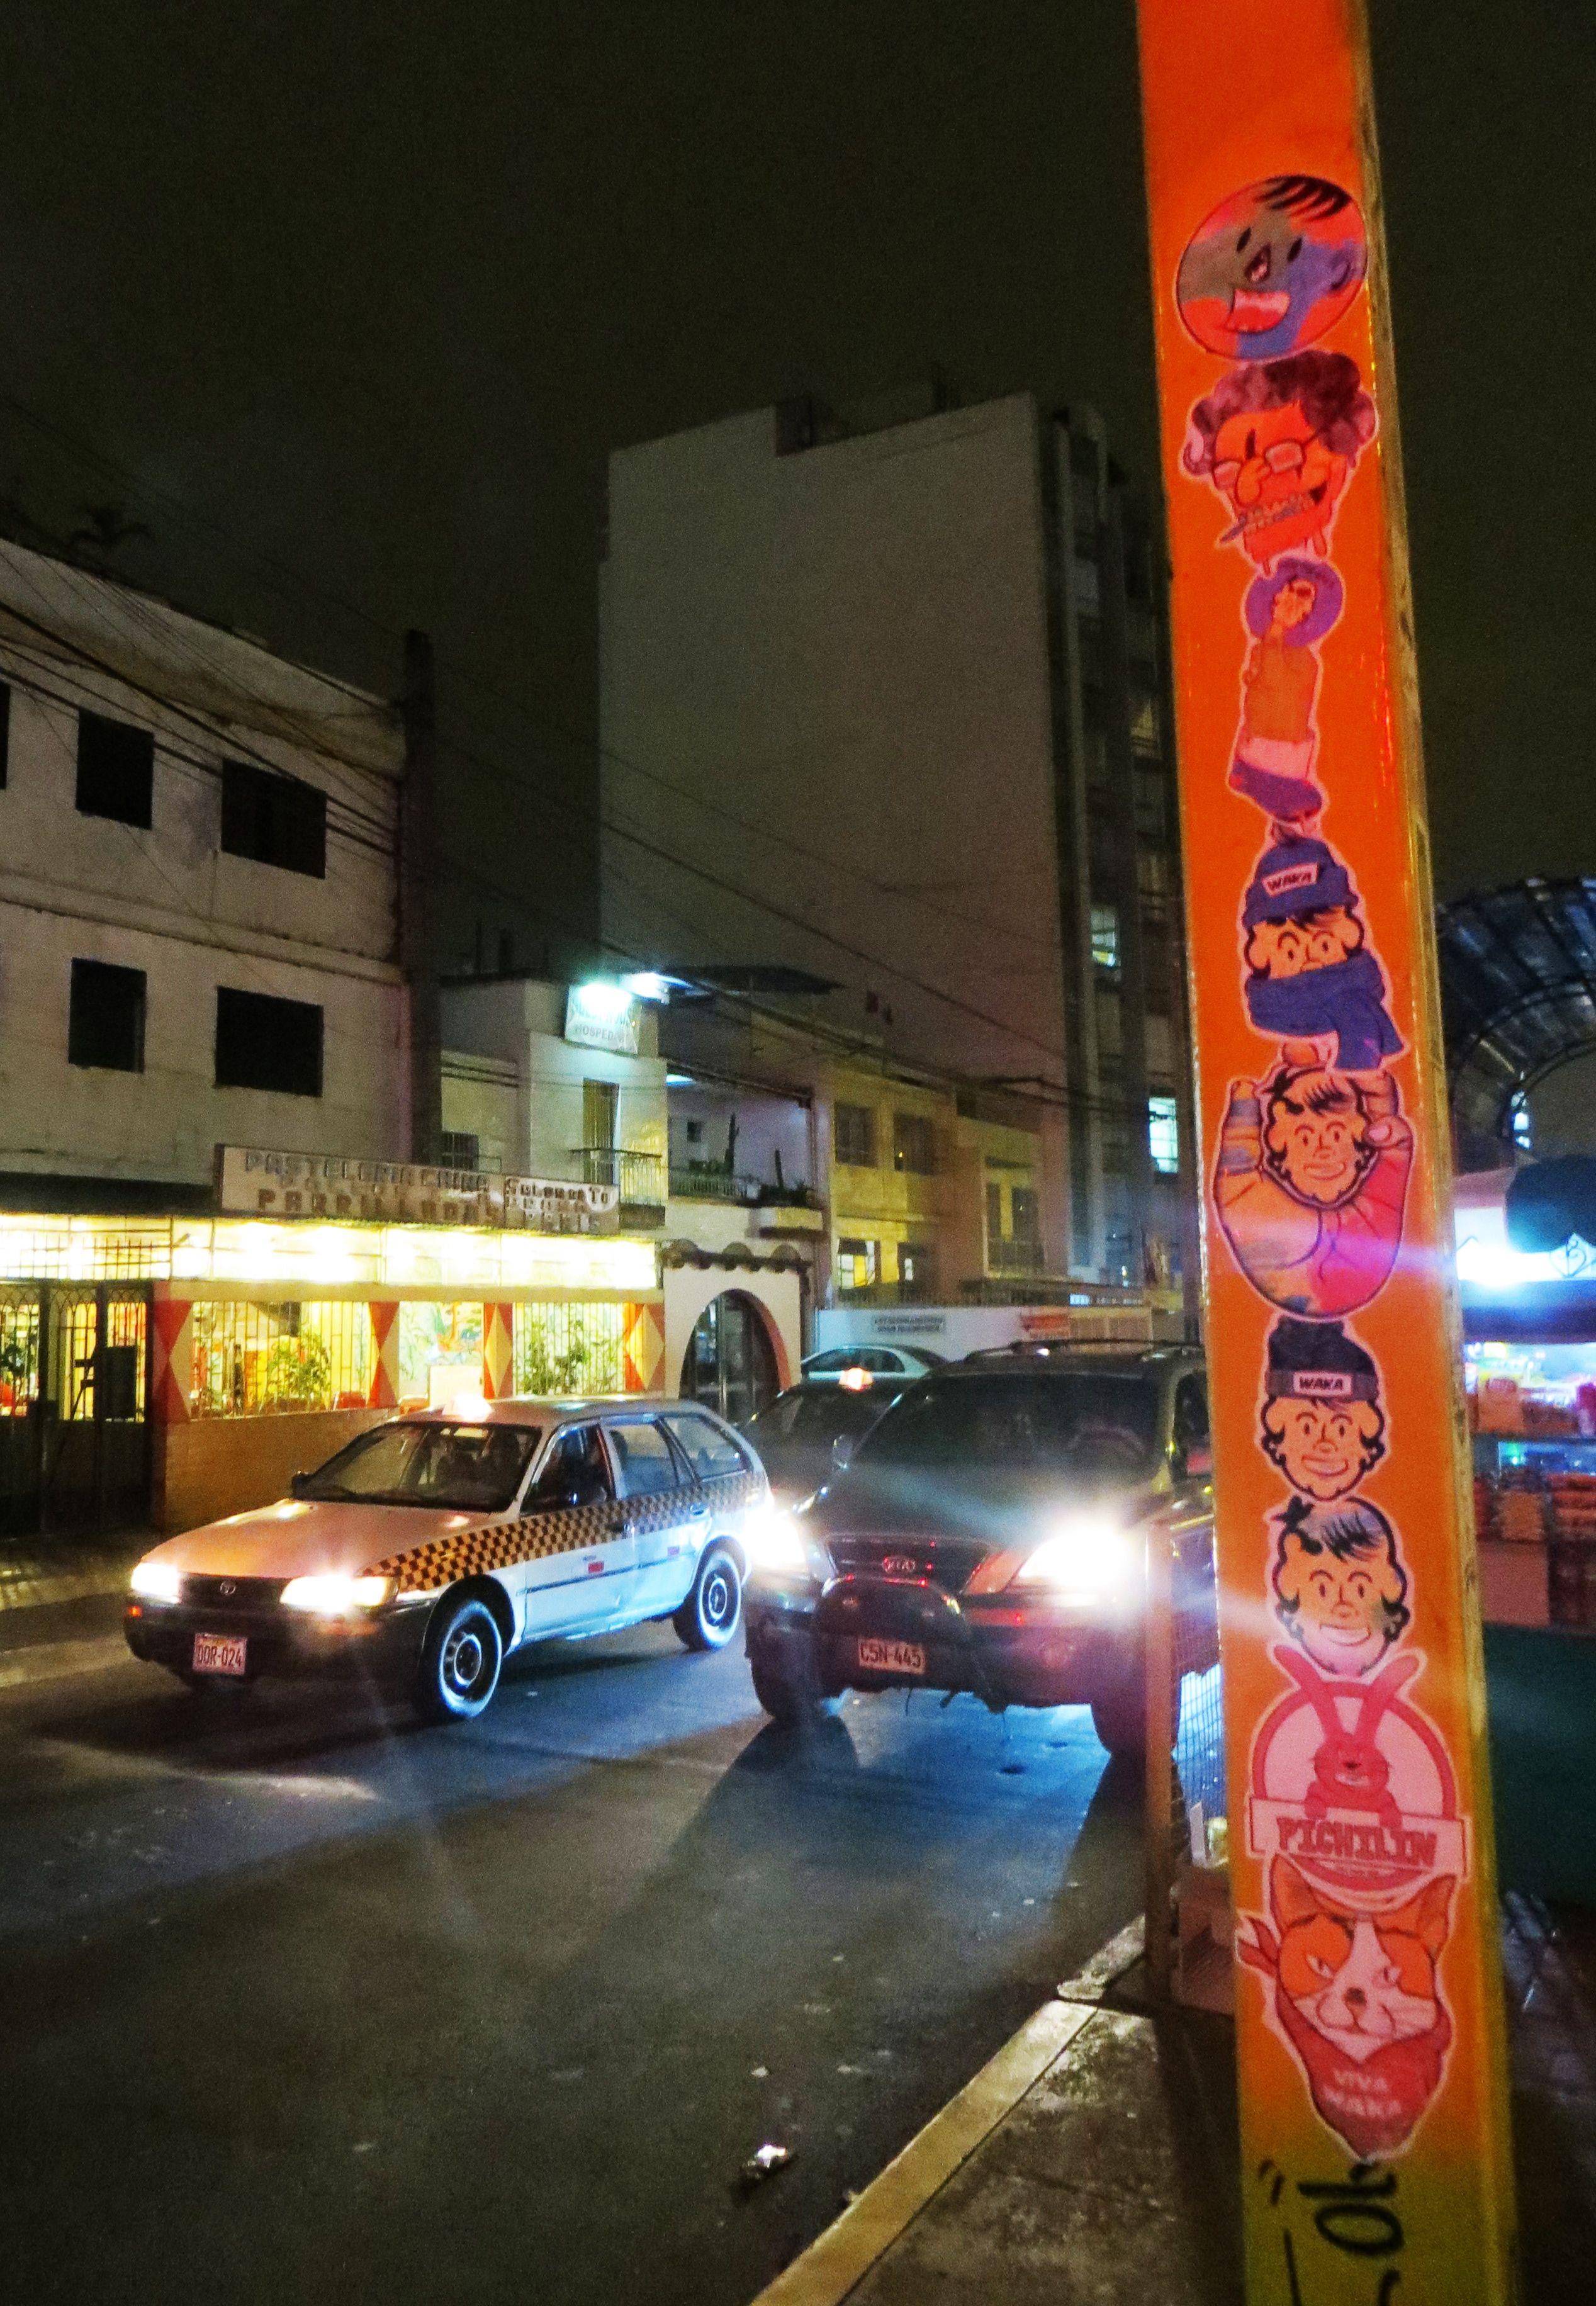 Av Brasil Cdra 33  Pegar Stickers de noche aveces tiene sus desventajas las luces de los carros, los polis en cada esquina, aveces una que otra persona te mira o te pregunta porque pegas stickers, enfin asi es la vida.